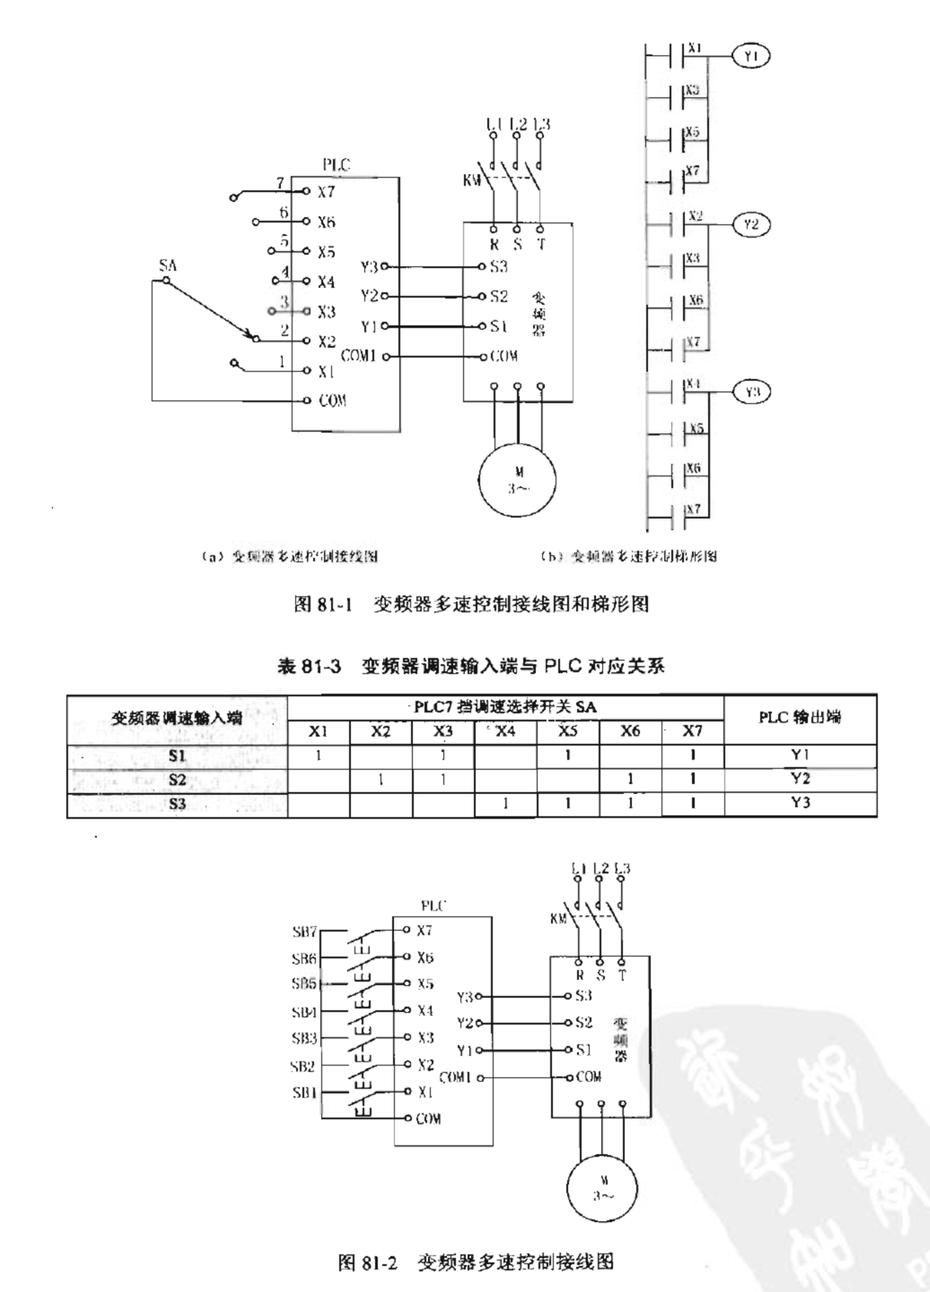 方法1: 用7挡选择开关设定变频器的多速控制,如图81-1所示。 根据变频器调速输入端S1~S3的变频器输入端状态表,列出PLC输入/输出的对应关系,如表81-3所示。 根据表写出变频器多速控制梯形图,如图81-1(b)所示。 振动调速选择开关SA到某一挡,若选择开关SA扳到SA-3时,输入继电器X3接通,Y1和Y2得电输出,变频器调整输入端S1和S2接通,变频器为3速。 方法2: 用7个调速按钮设定变频器的多速控制,PLC接线图如图81-2所示,梯形图如图81-3所示。